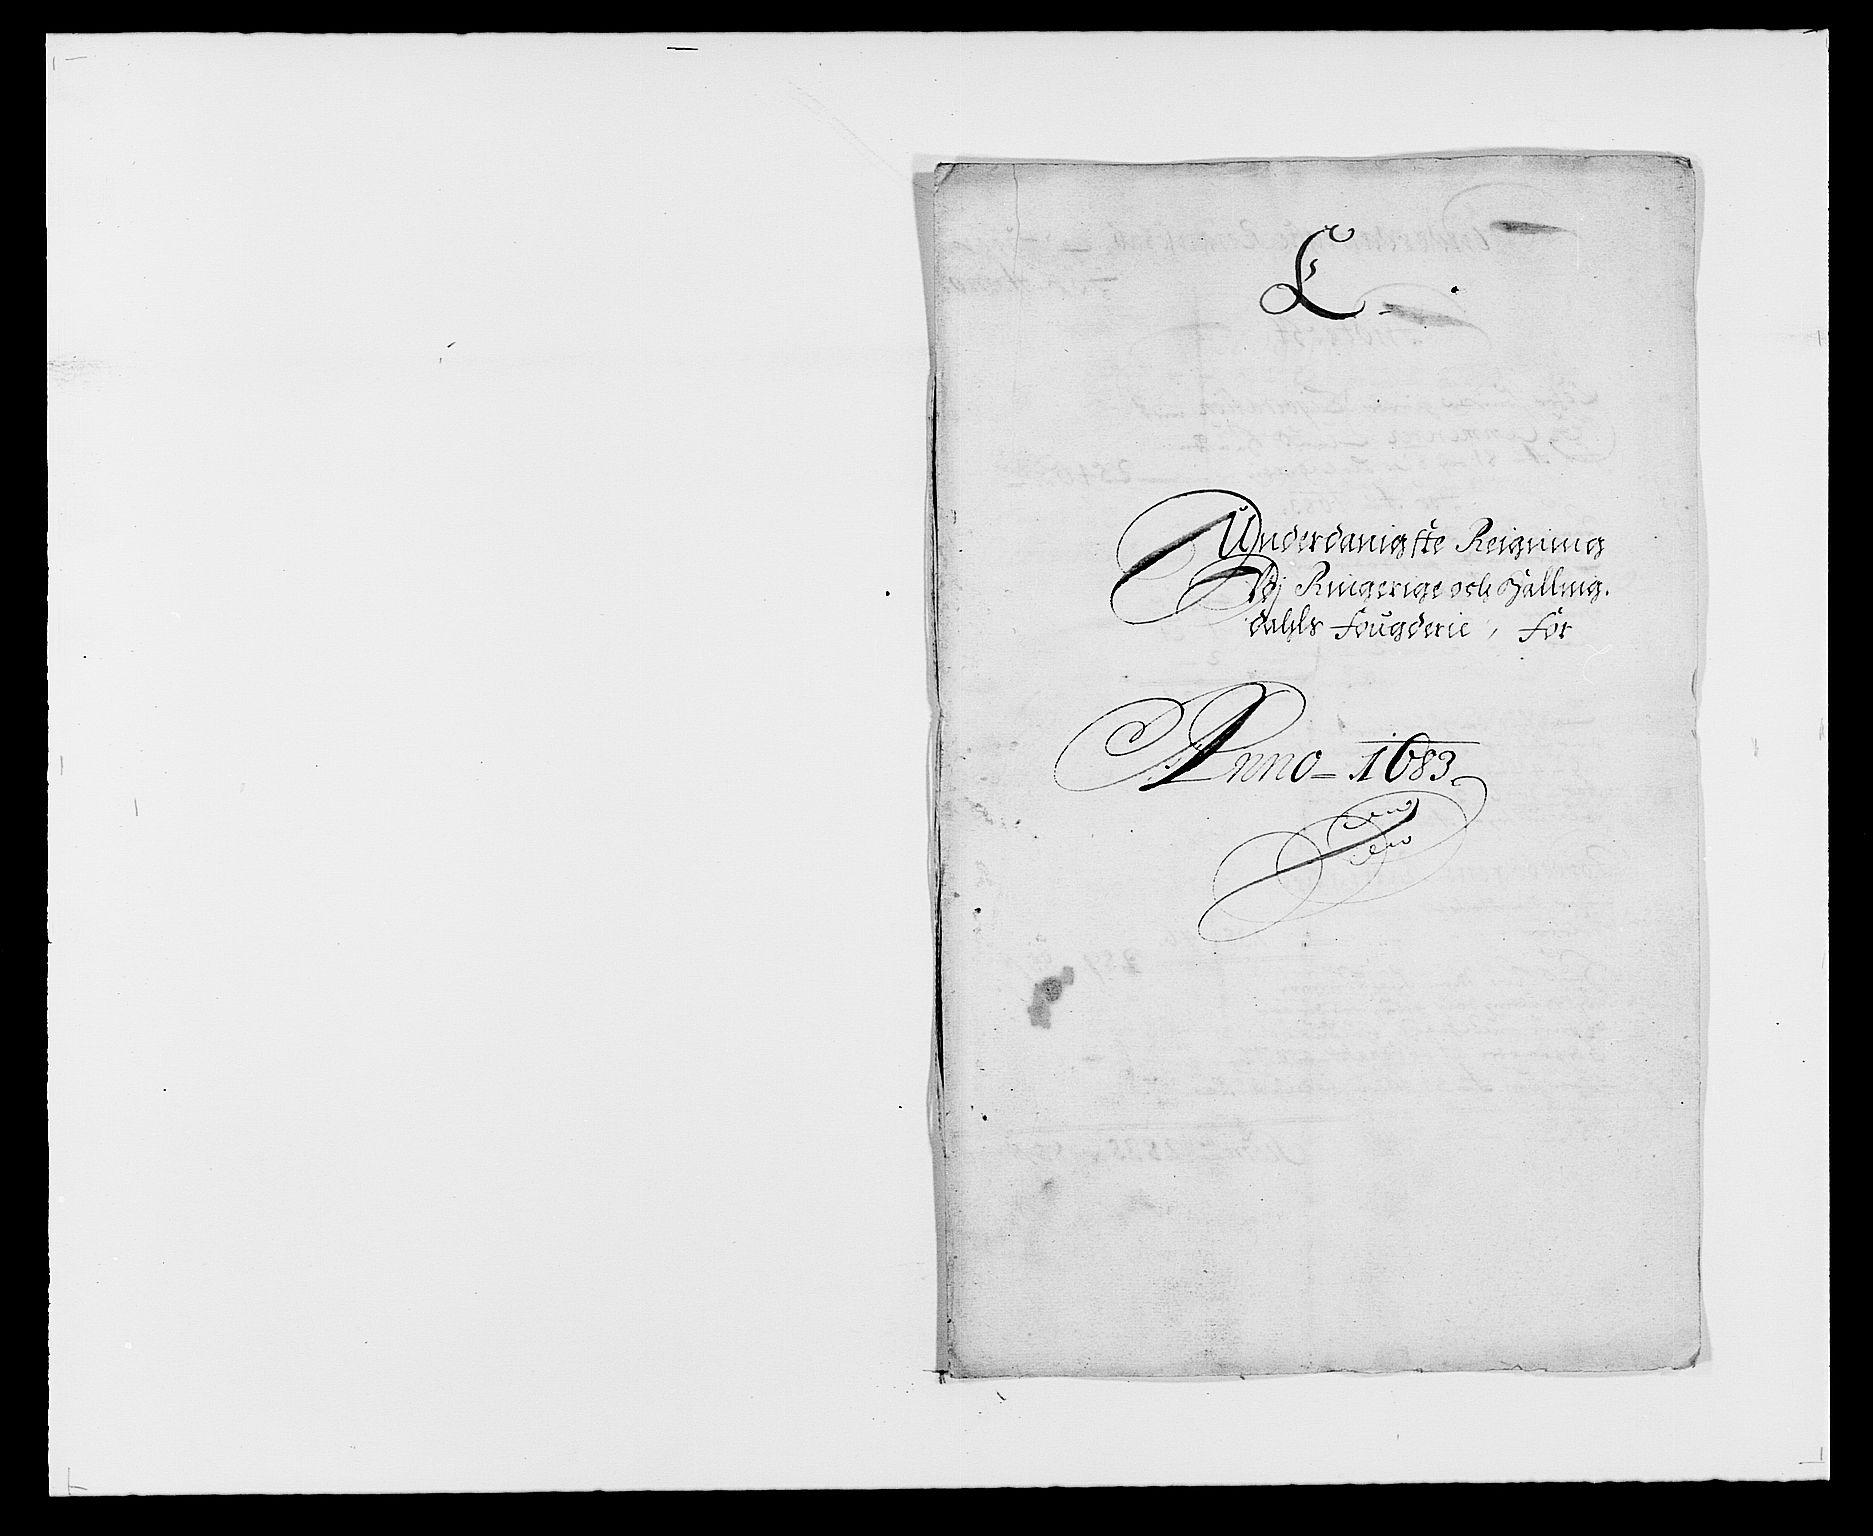 RA, Rentekammeret inntil 1814, Reviderte regnskaper, Fogderegnskap, R21/L1446: Fogderegnskap Ringerike og Hallingdal, 1683-1686, s. 1